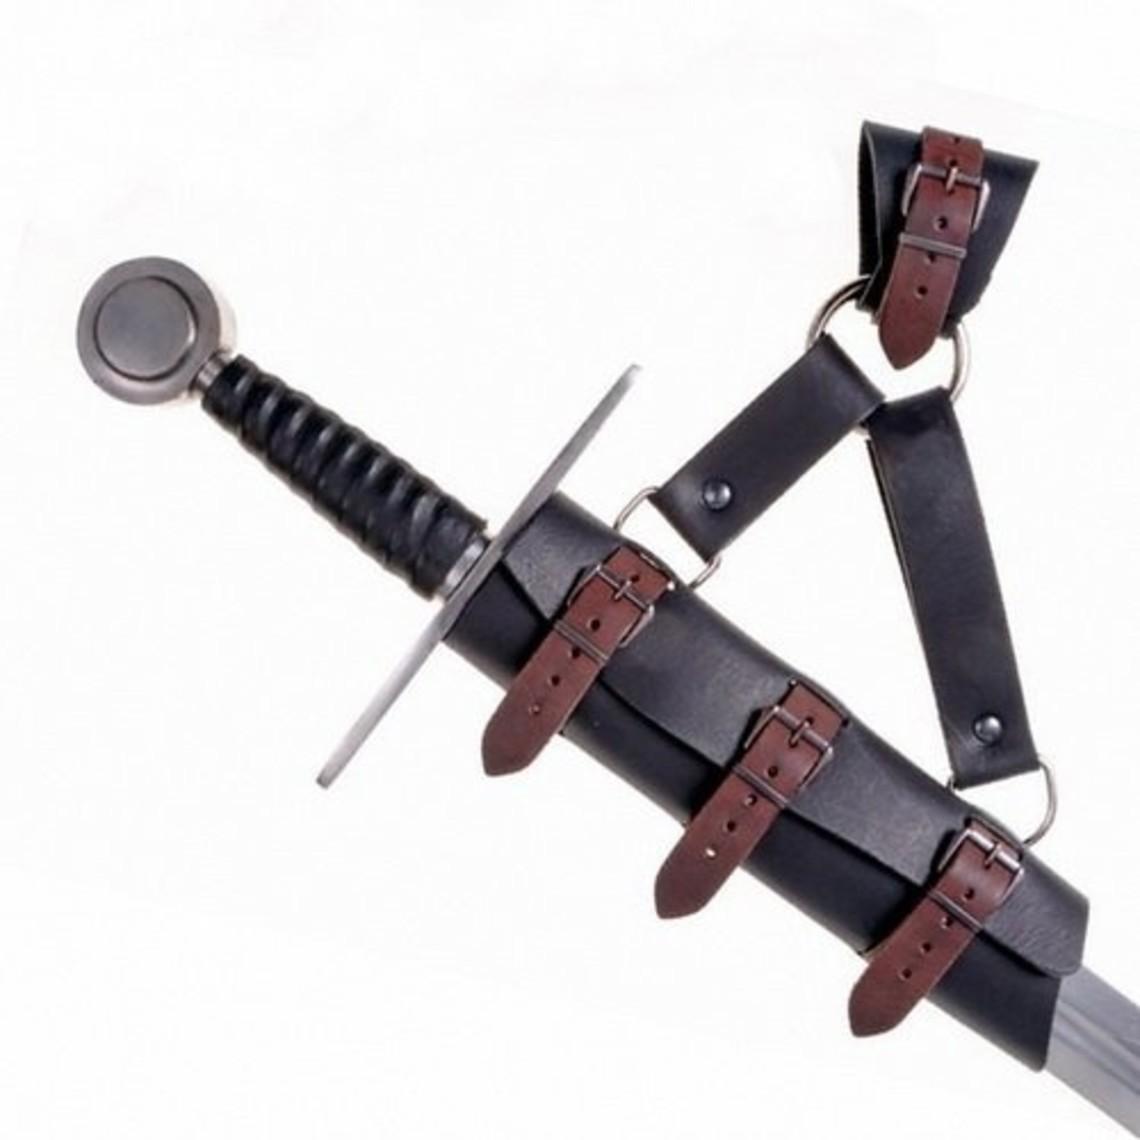 Luksuriøs sværd holder til larp sværd, sort